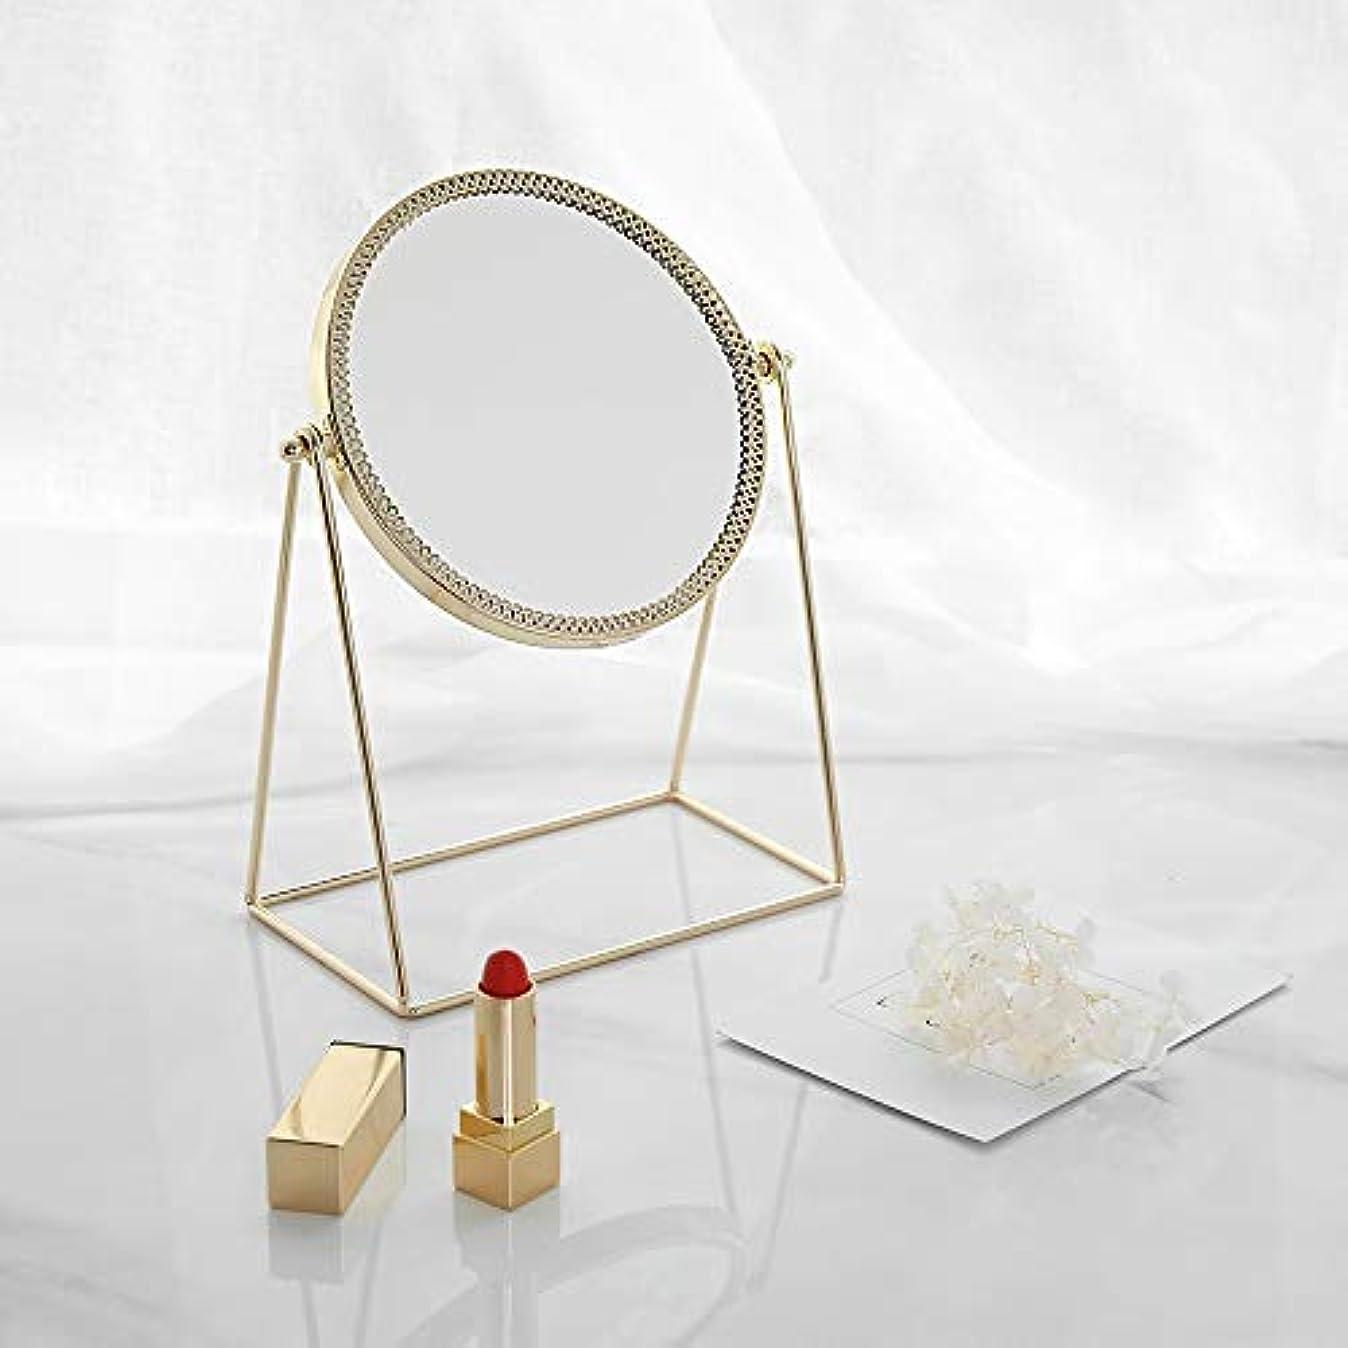 ハーフ南散る流行の 現代の創造性ゴールドラウンドアイアンフレーム+ミラーデスクトップミラー/化粧鏡